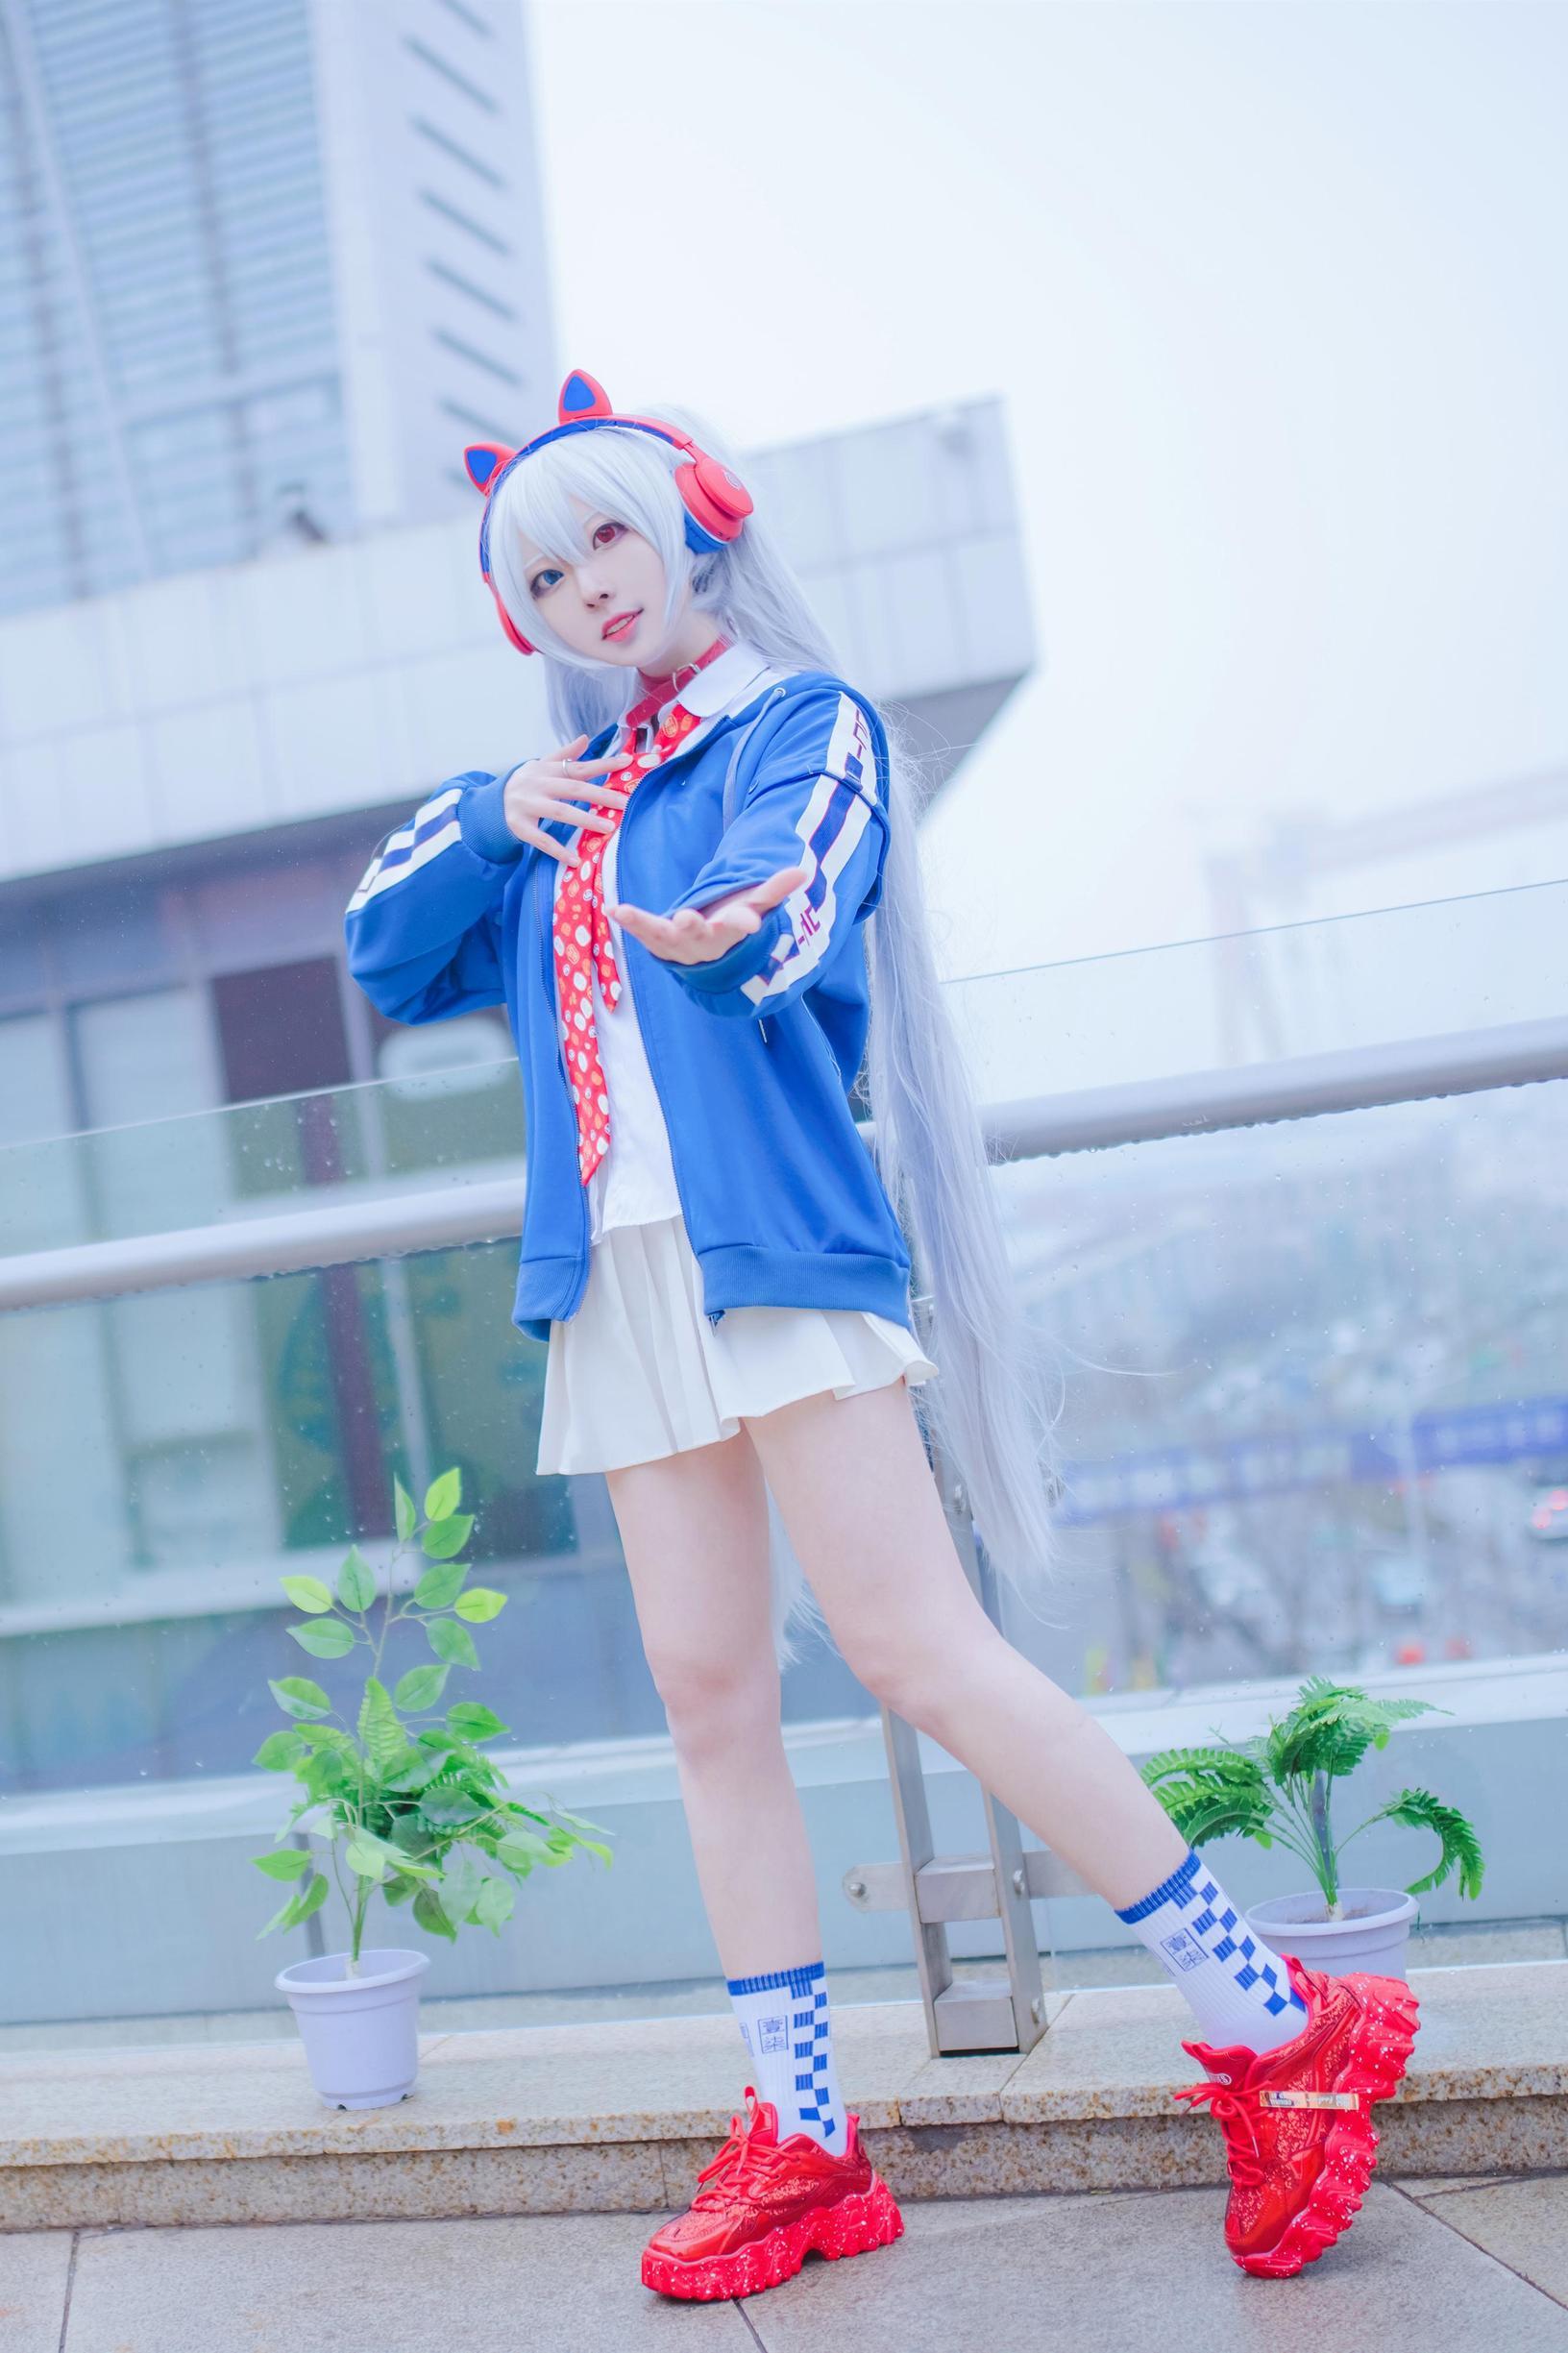 @钢筋直男404 漫展cosplay返图在线看